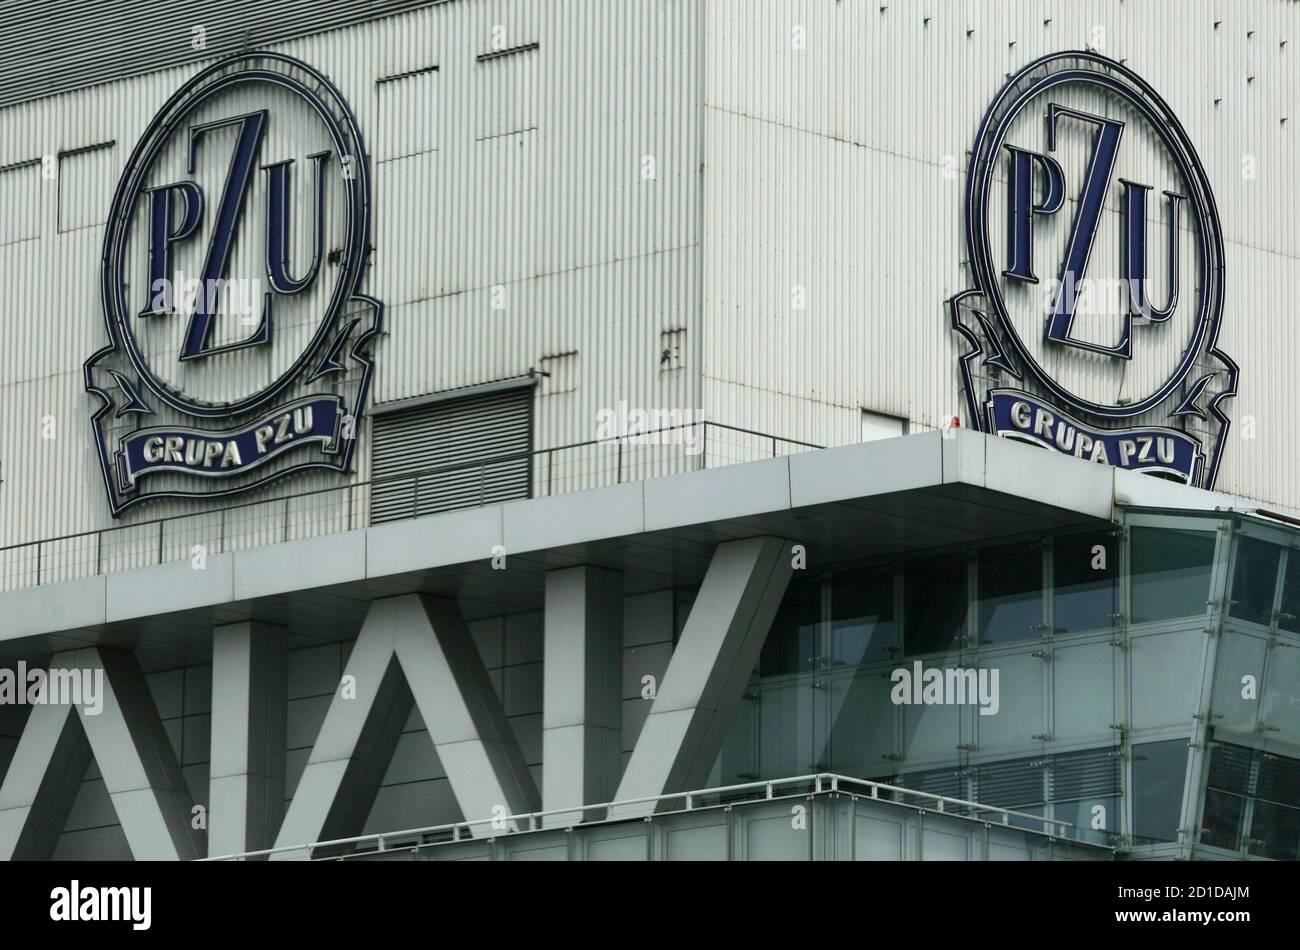 Les logos de PZU sont visibles sur leur siège au centre de Varsovie le 10 mai 2010. Le plus grand groupe d'assurance de Pologne PZU sera lancé sur la bourse de Varsovie le mercredi 12 mai, complétant la plus grande offre publique initiale (IPO) d'Europe cette année pour une valeur d'environ 2.7 milliards de dollars. REUTERS/Kacper Pempel (POLOGNE - Tags: AFFAIRES) Banque D'Images